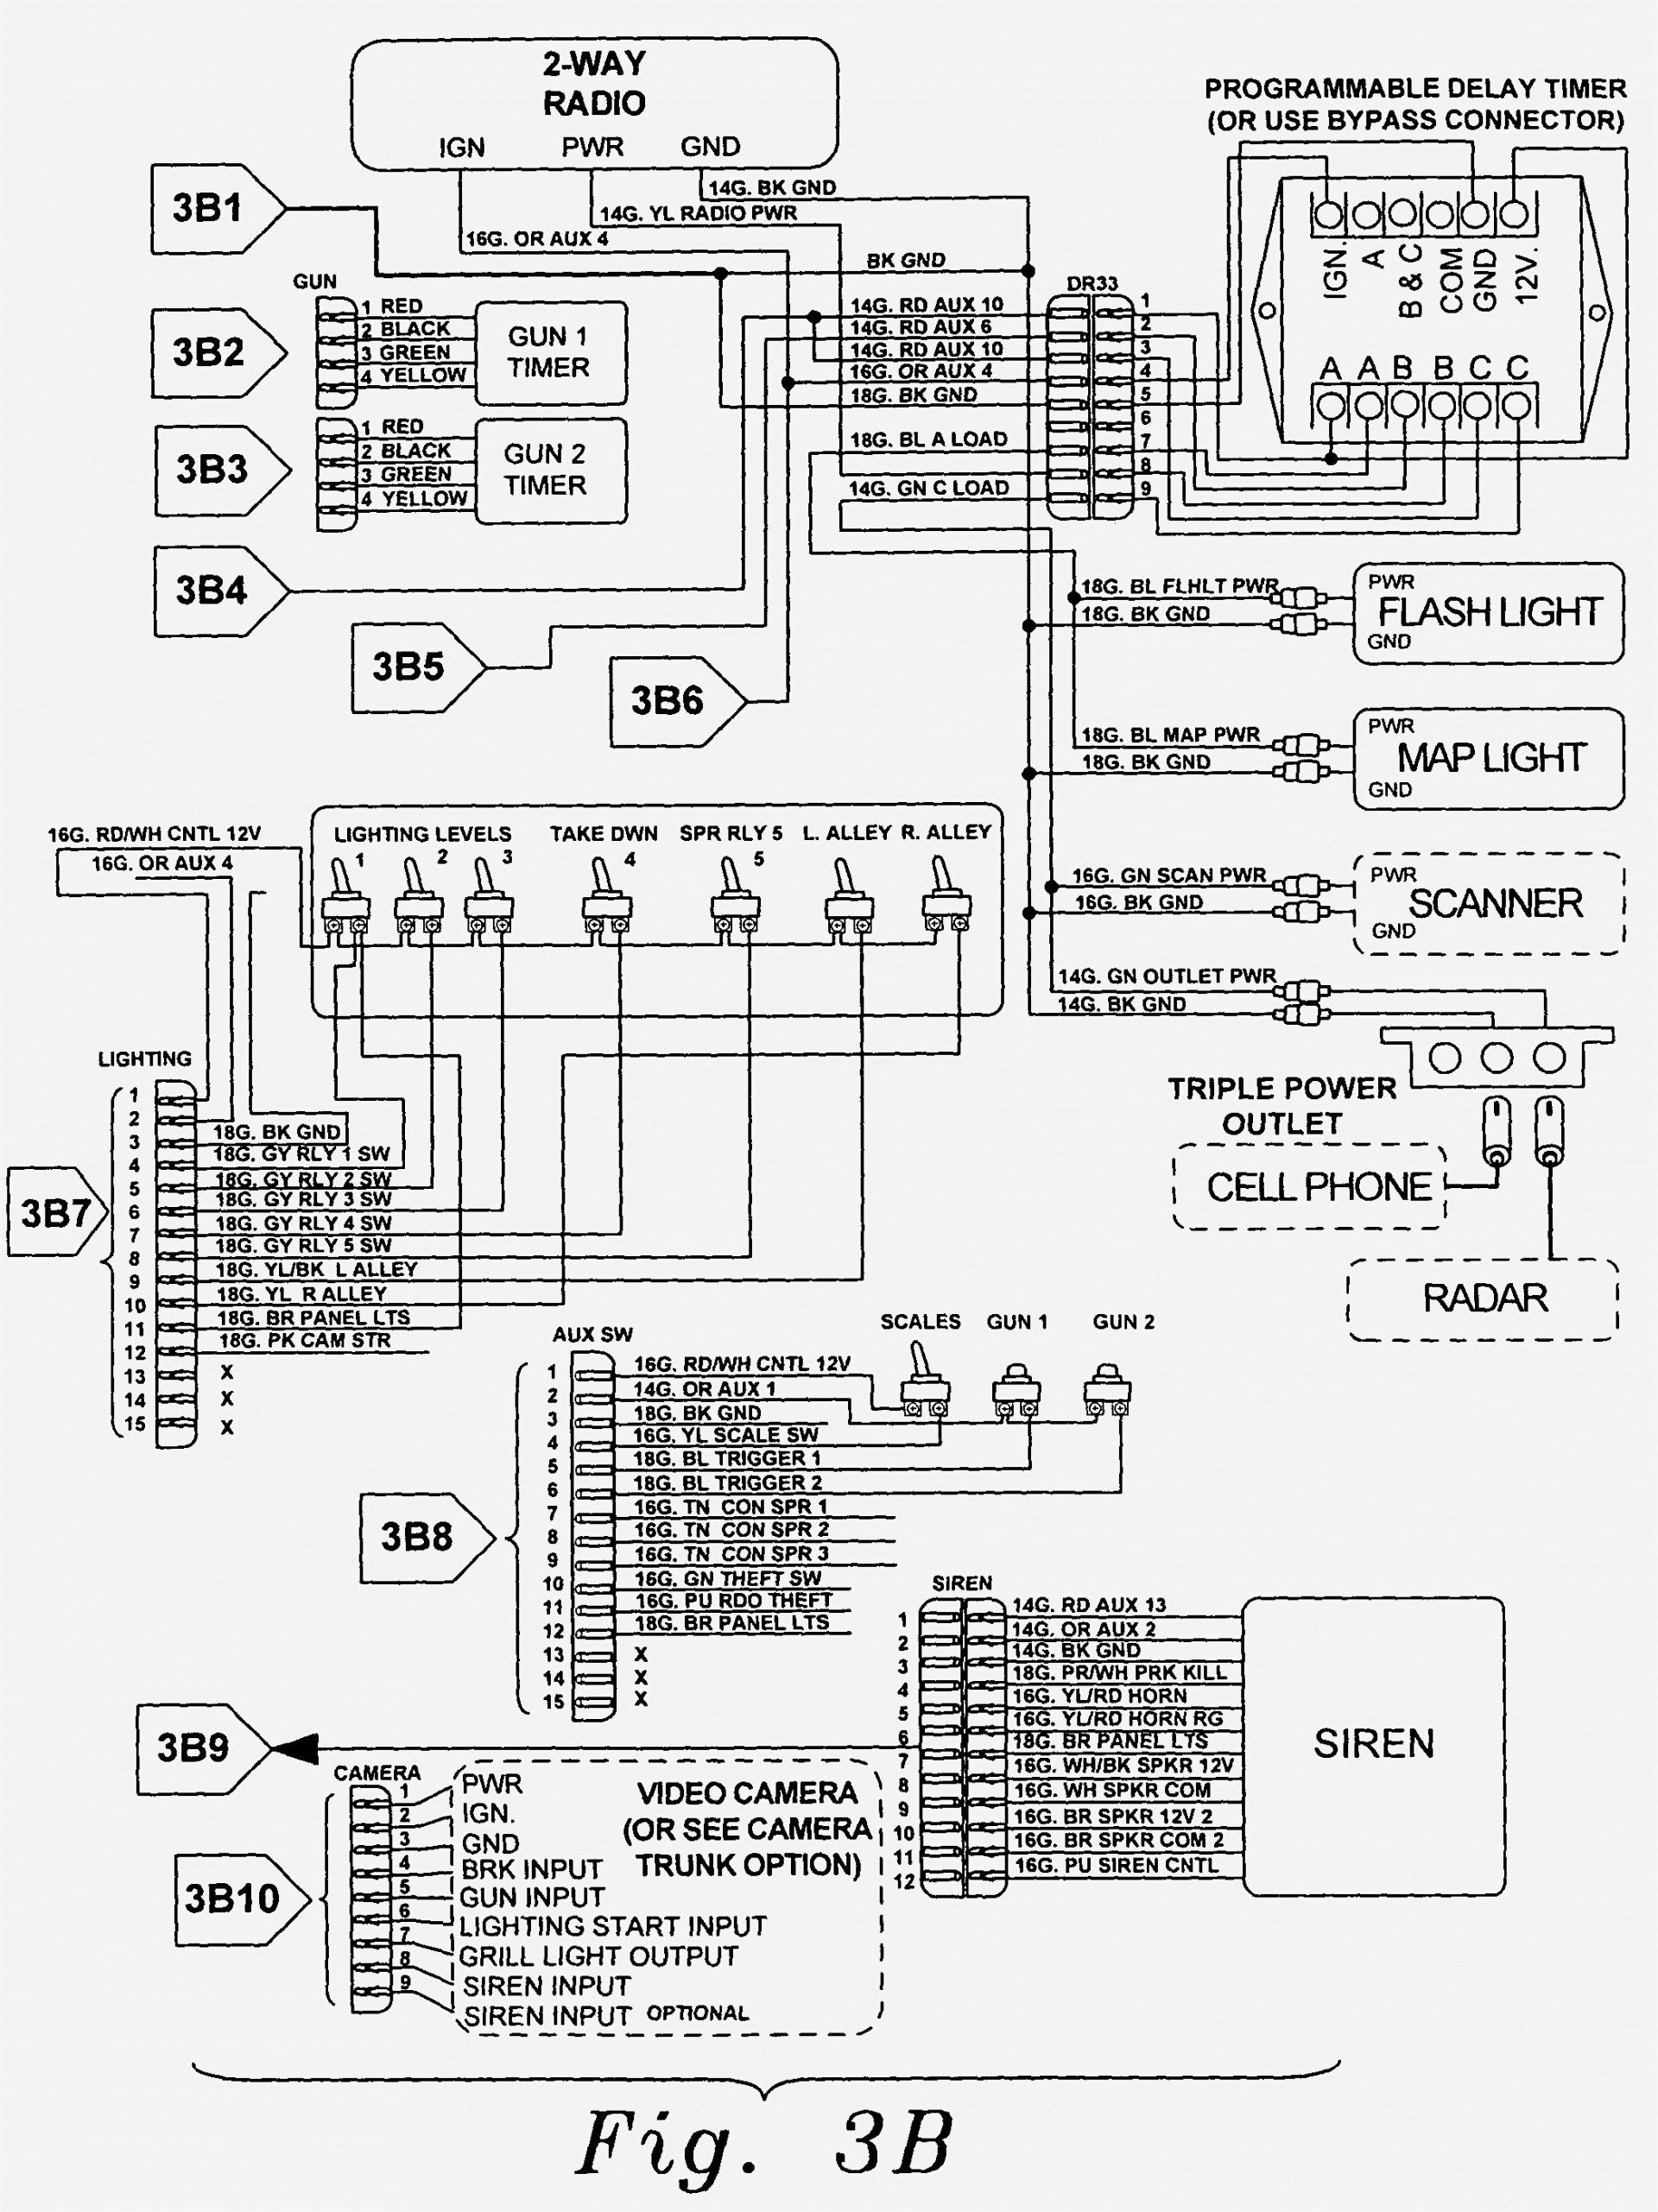 Wiring Edge Diagram Whelen Ll288000 | Manual E-Books - Whelen Edge 9000 Wiring Diagram